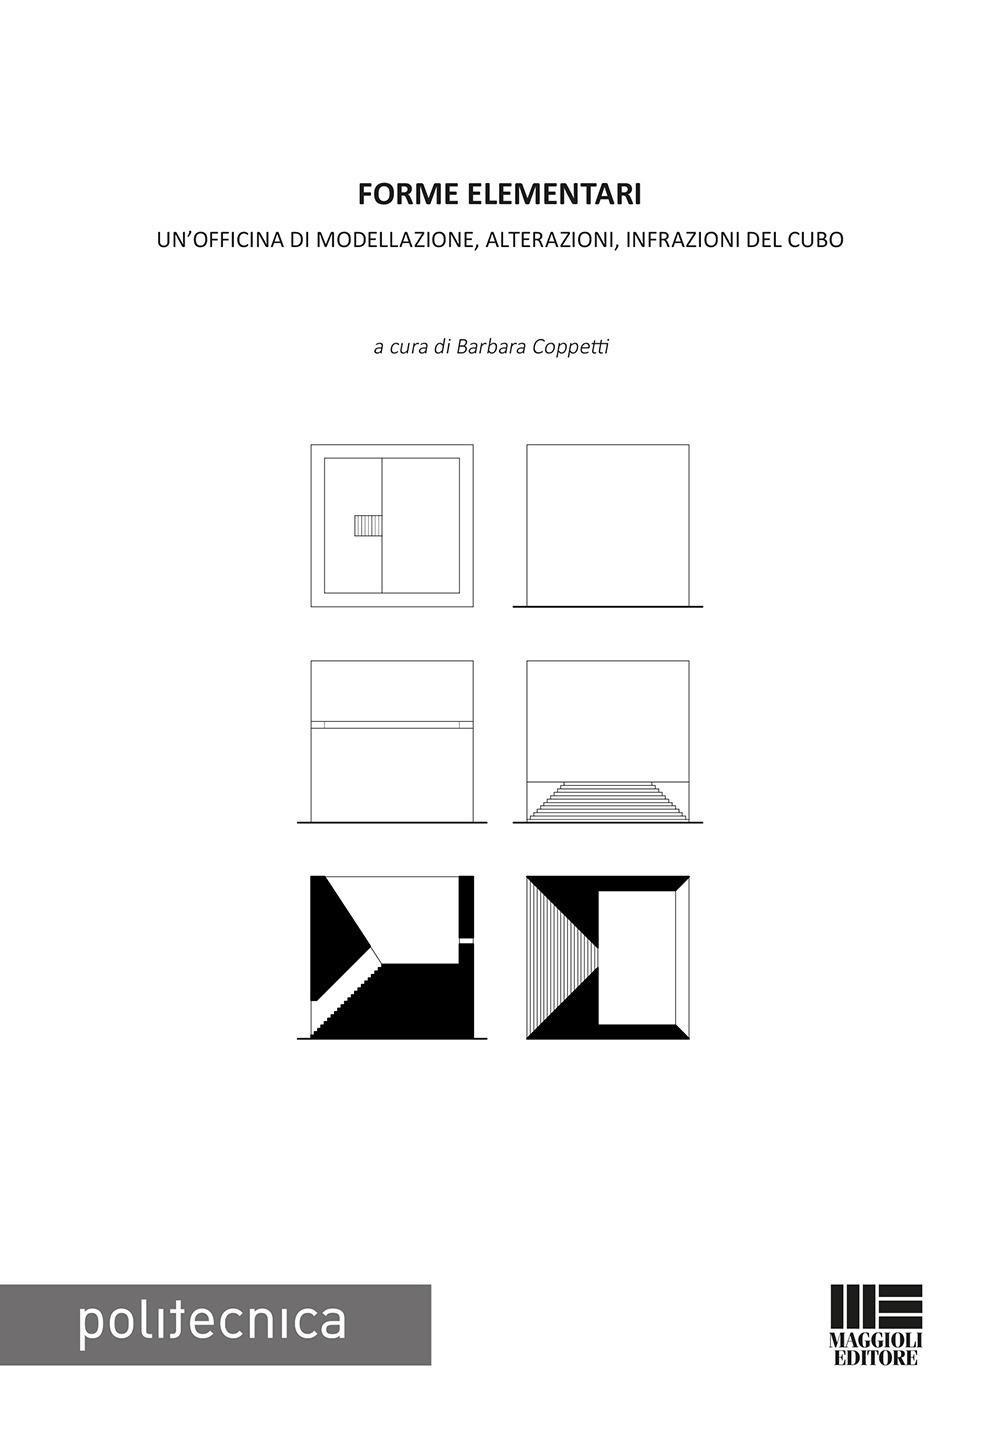 Forme elementari. Un'officina di modellazione, alterazioni, infrazioni del cubo